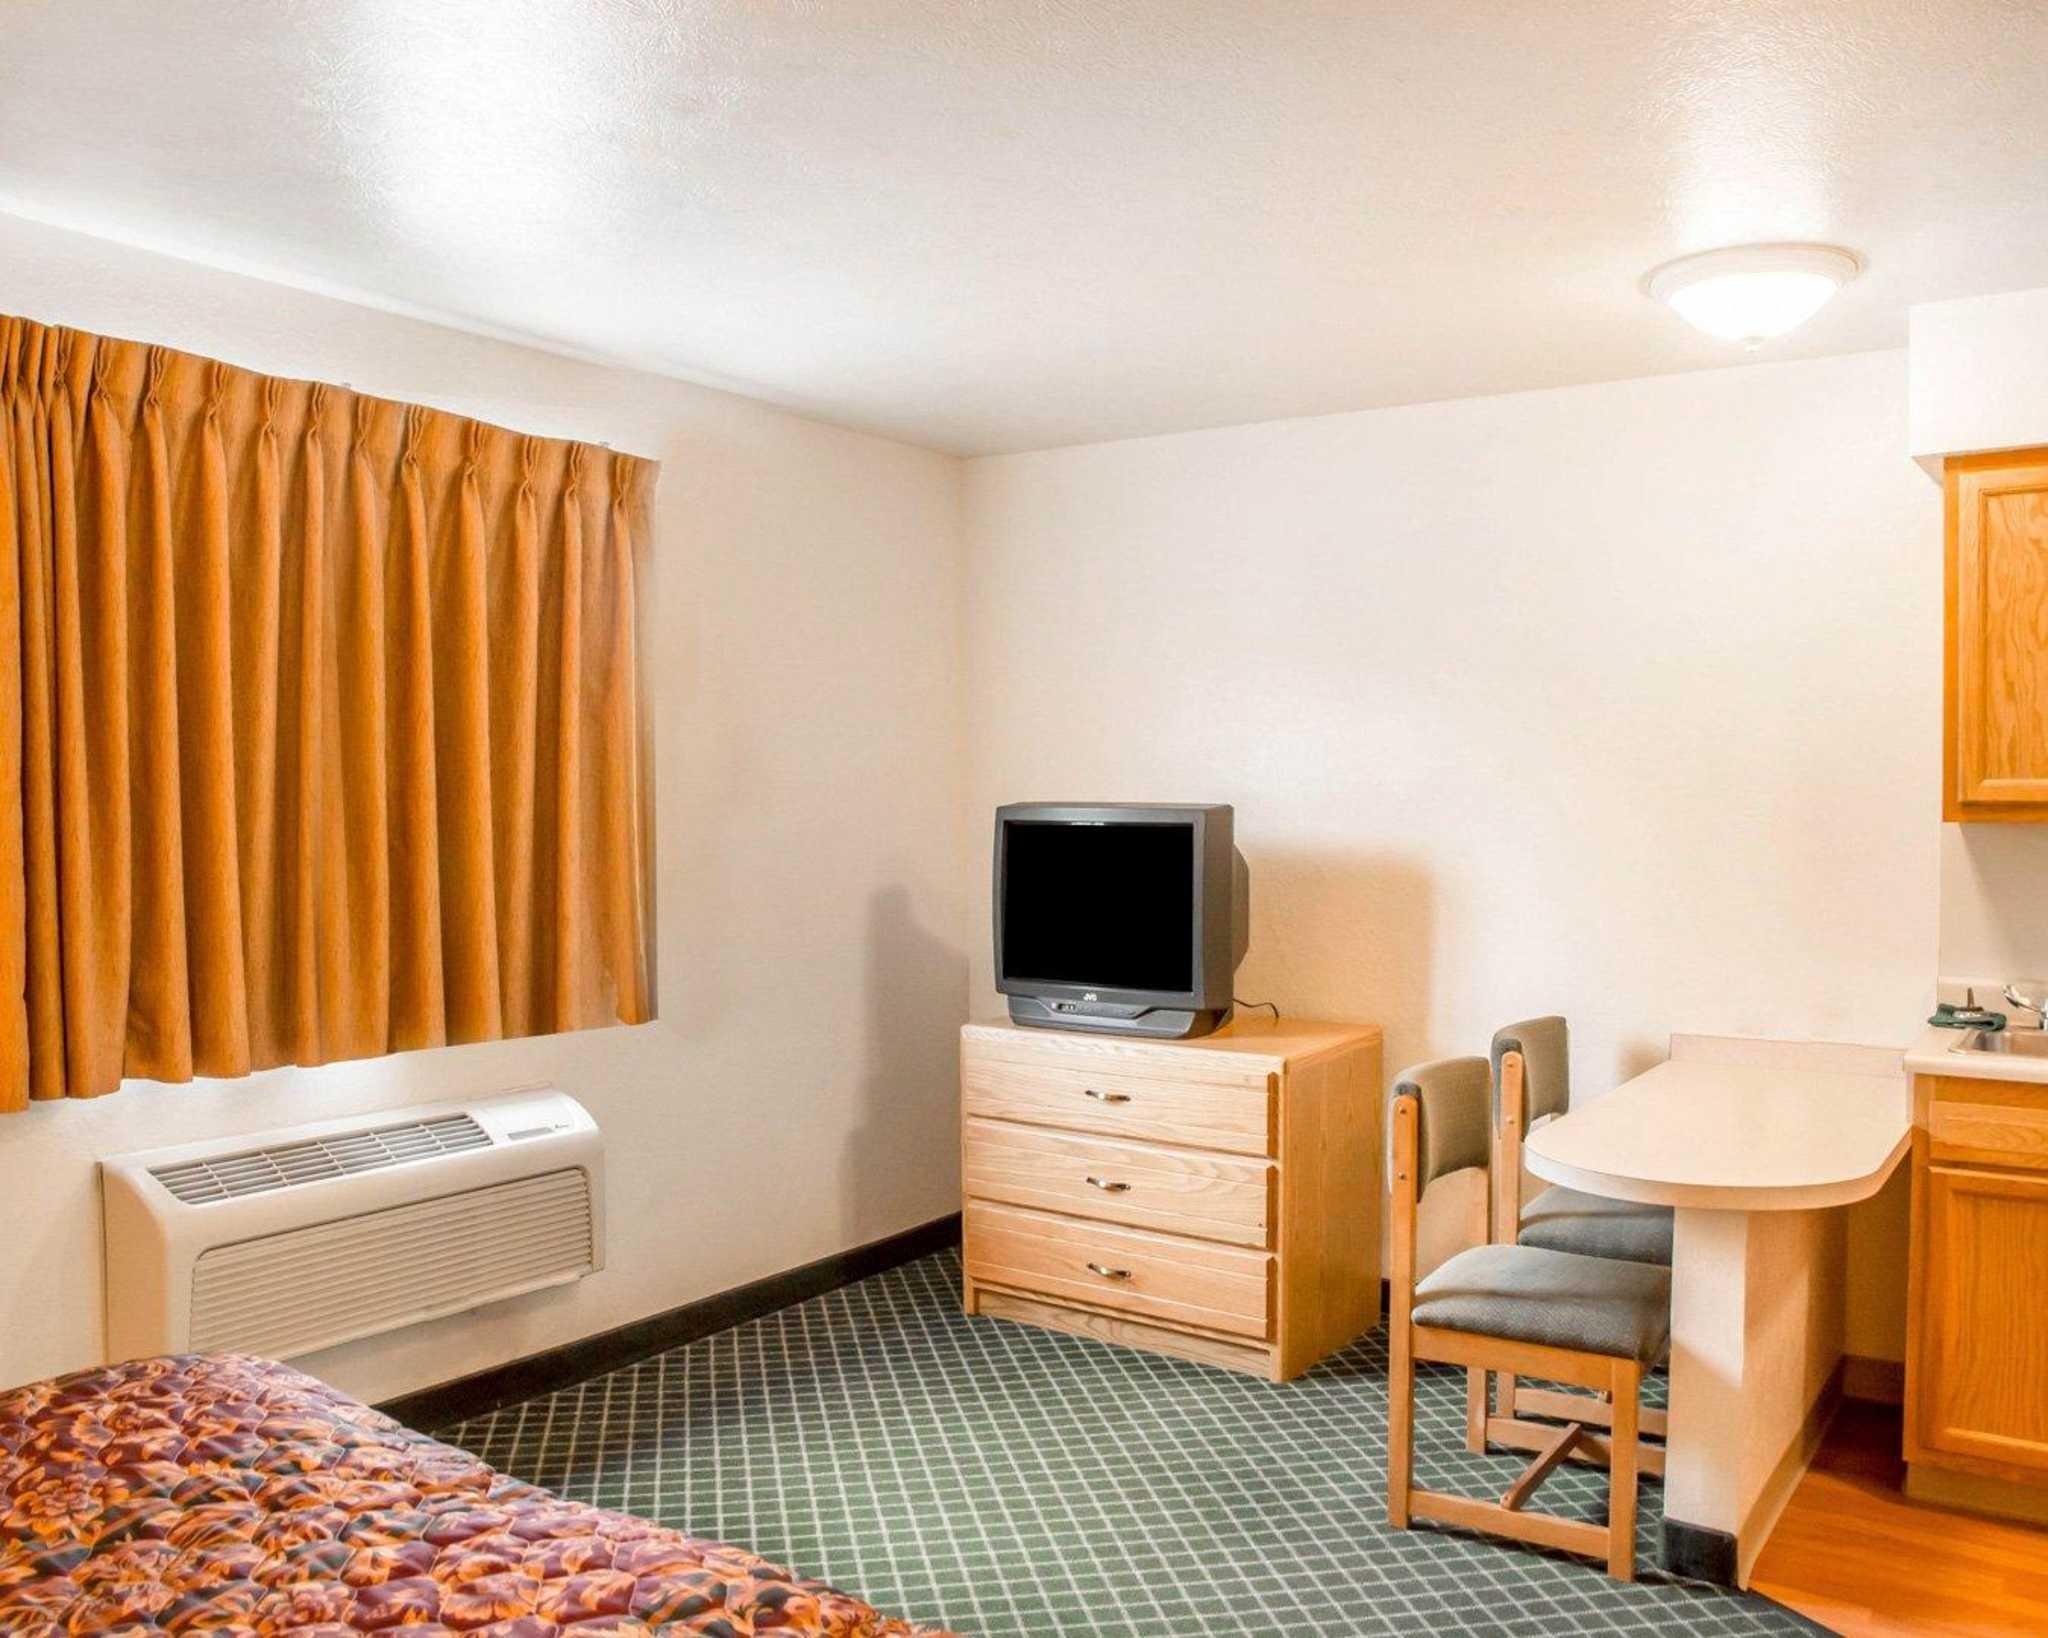 Suburban Extended Stay Hotel Dayton-WP AFB image 14